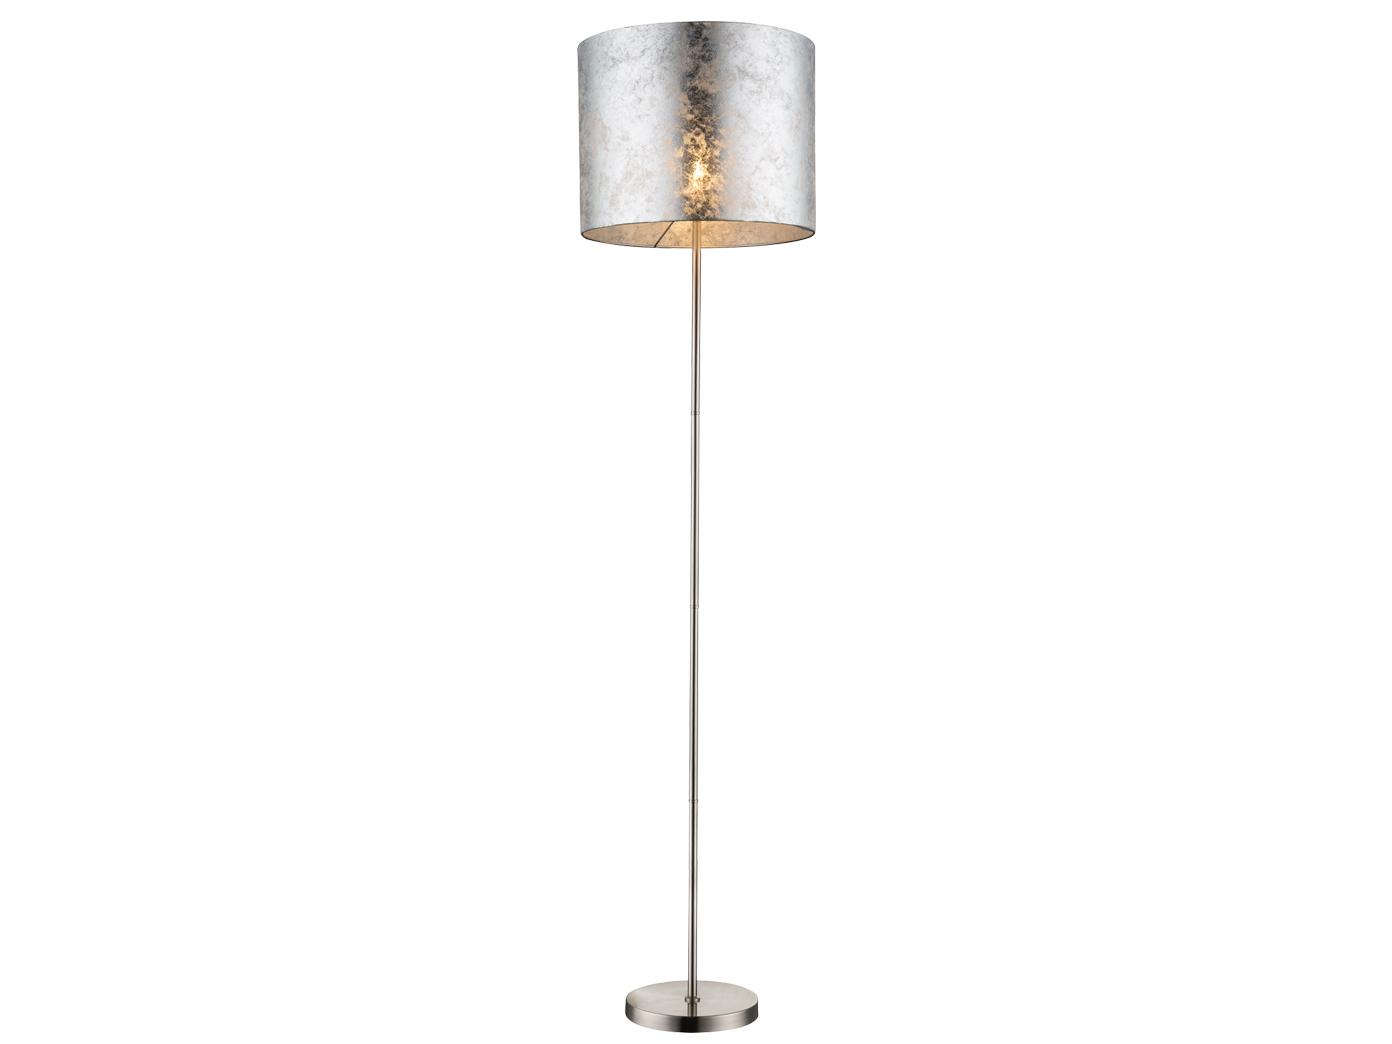 Globo Tischlampe Hockerleuchte Stoffschirm gold Wohnzimmerlampe Tischleuchte